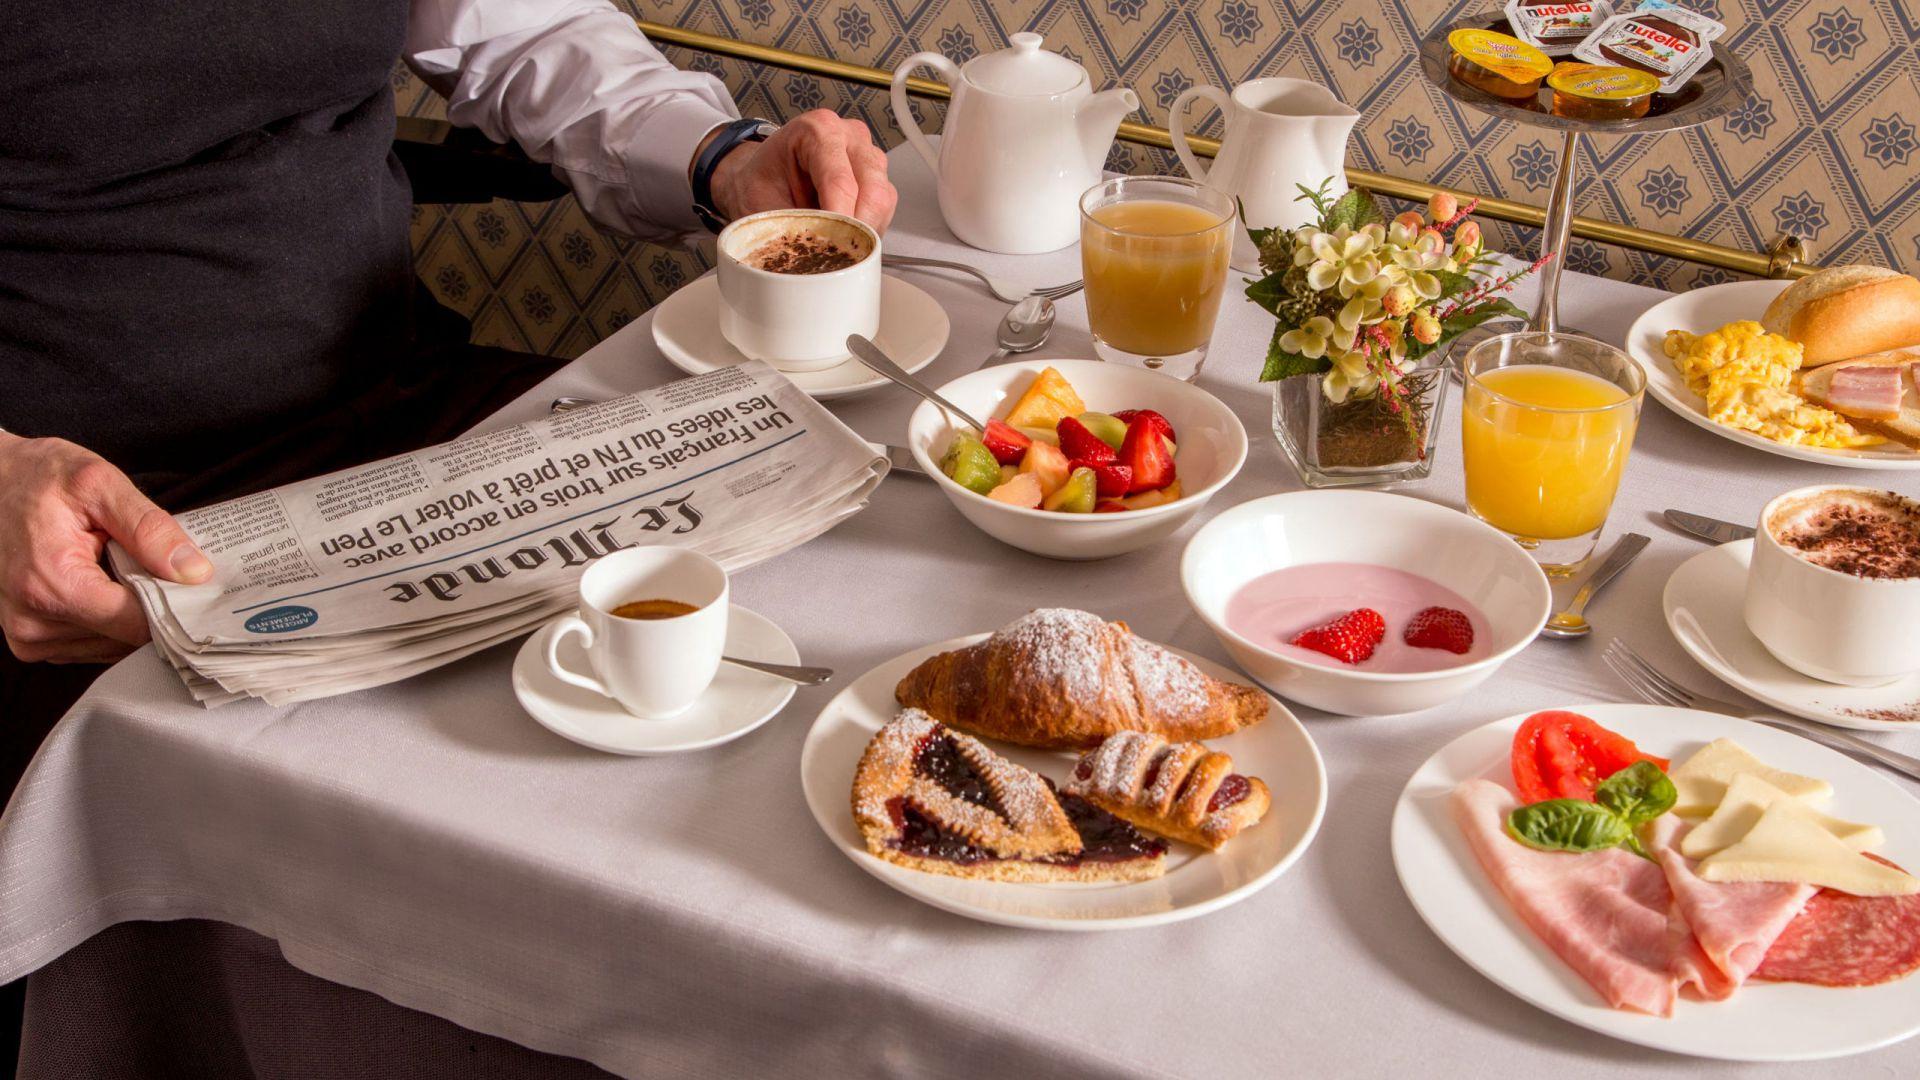 albergo-ottocento-roma-colazione-05